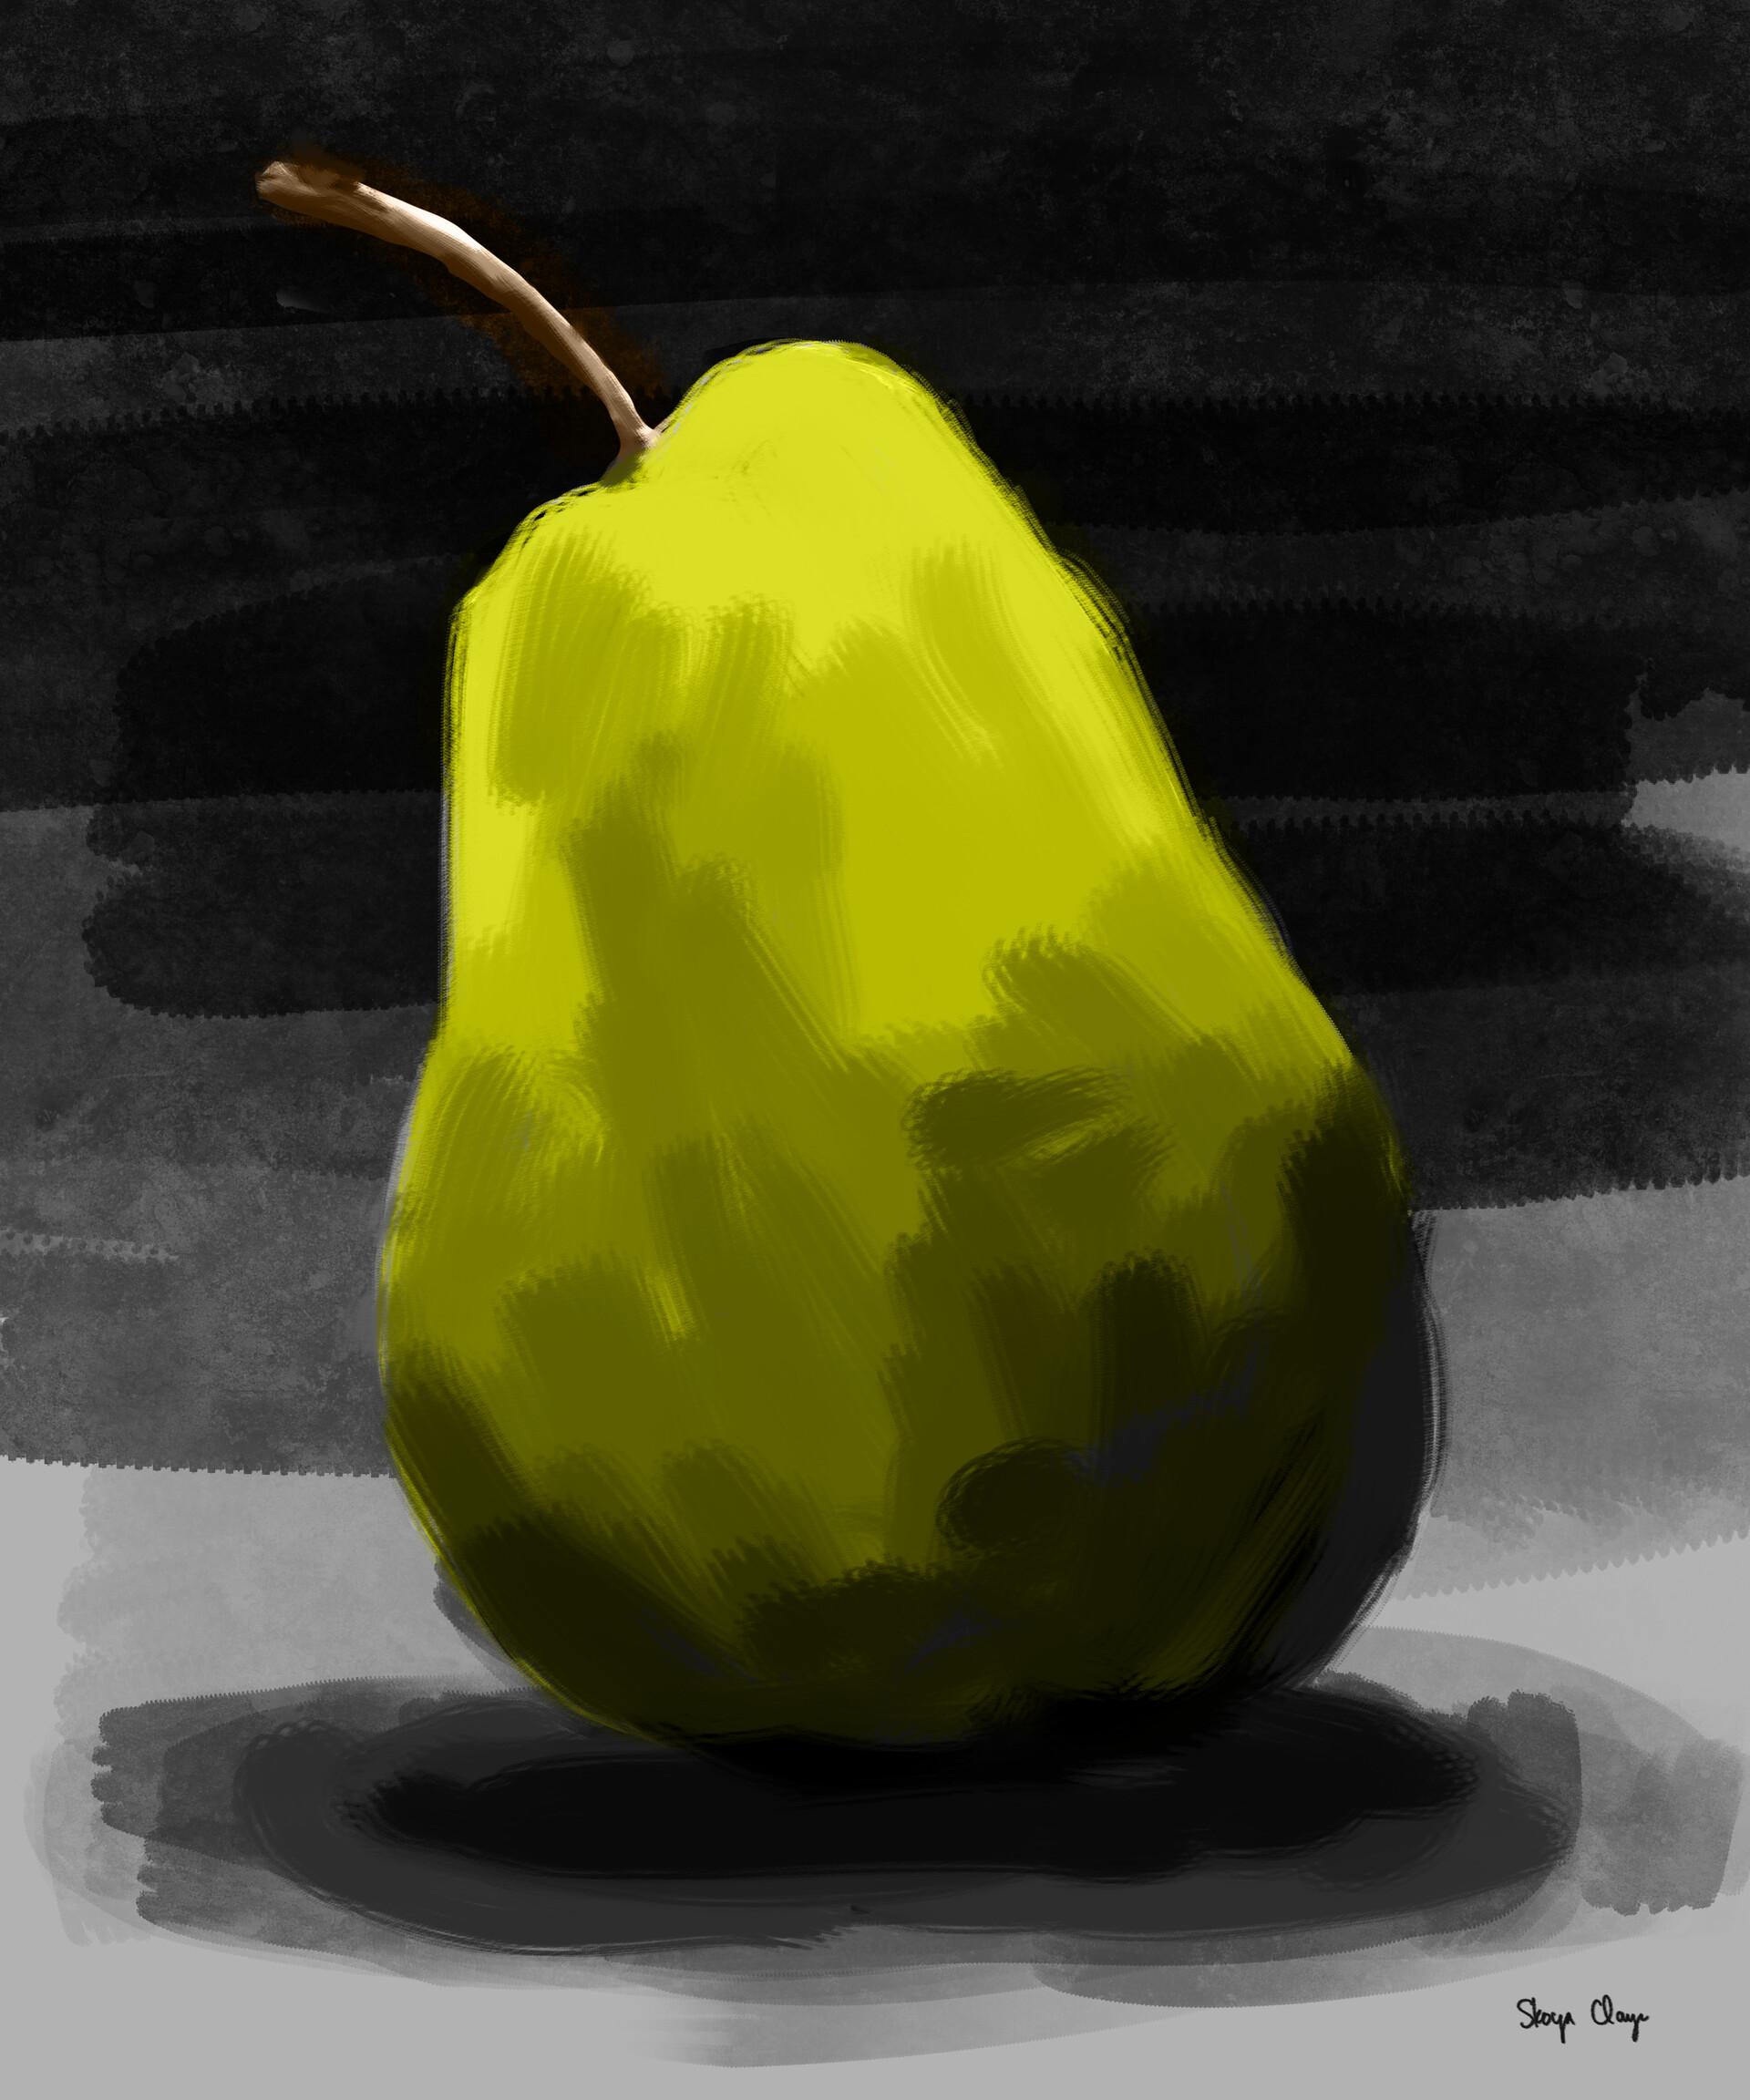 Skoya clayr pear study